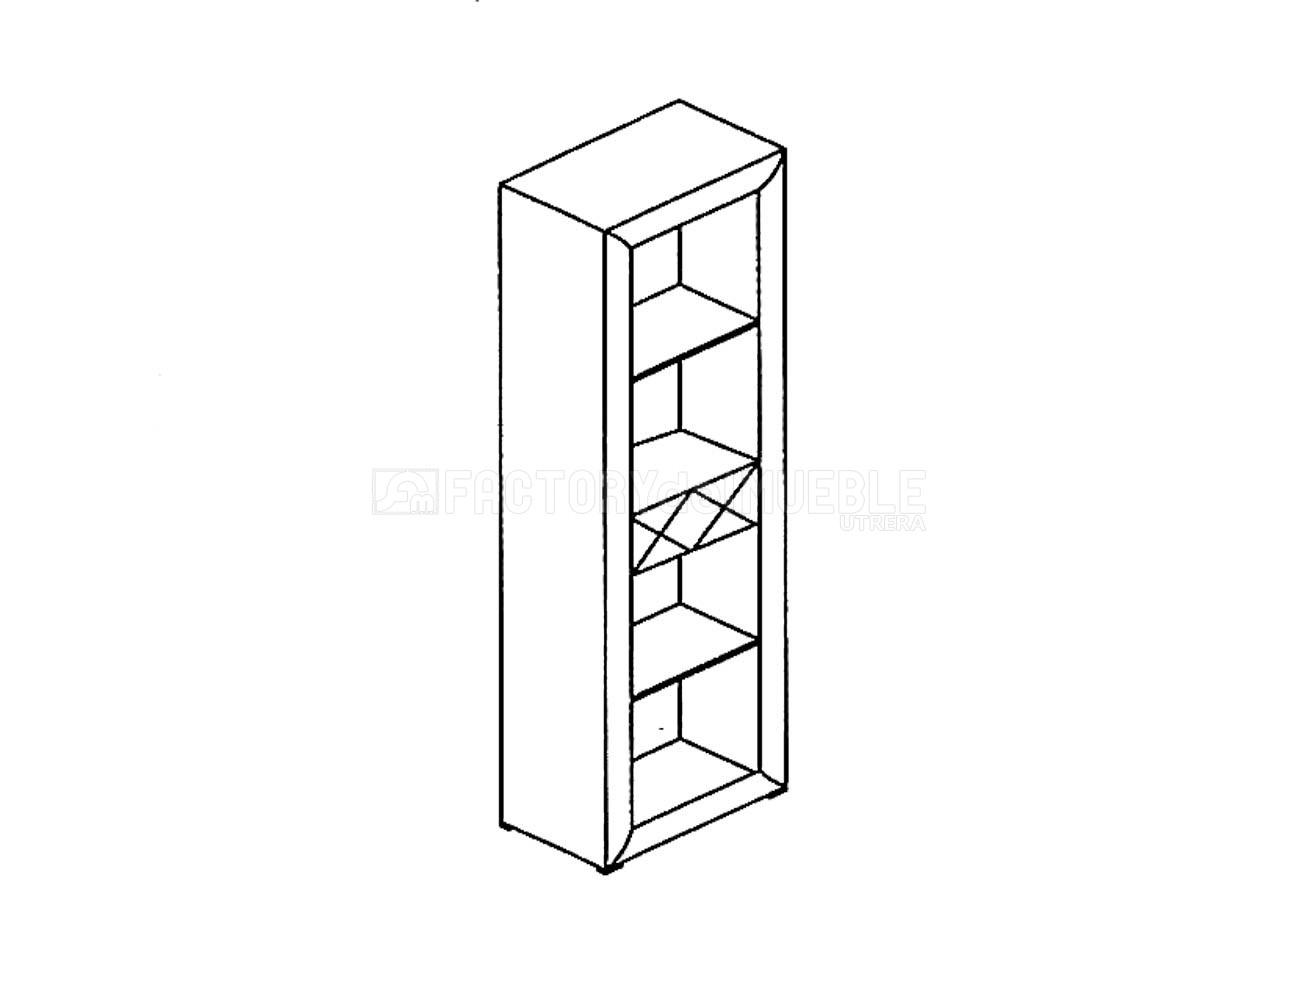 Torre estanteria 60 04m1051